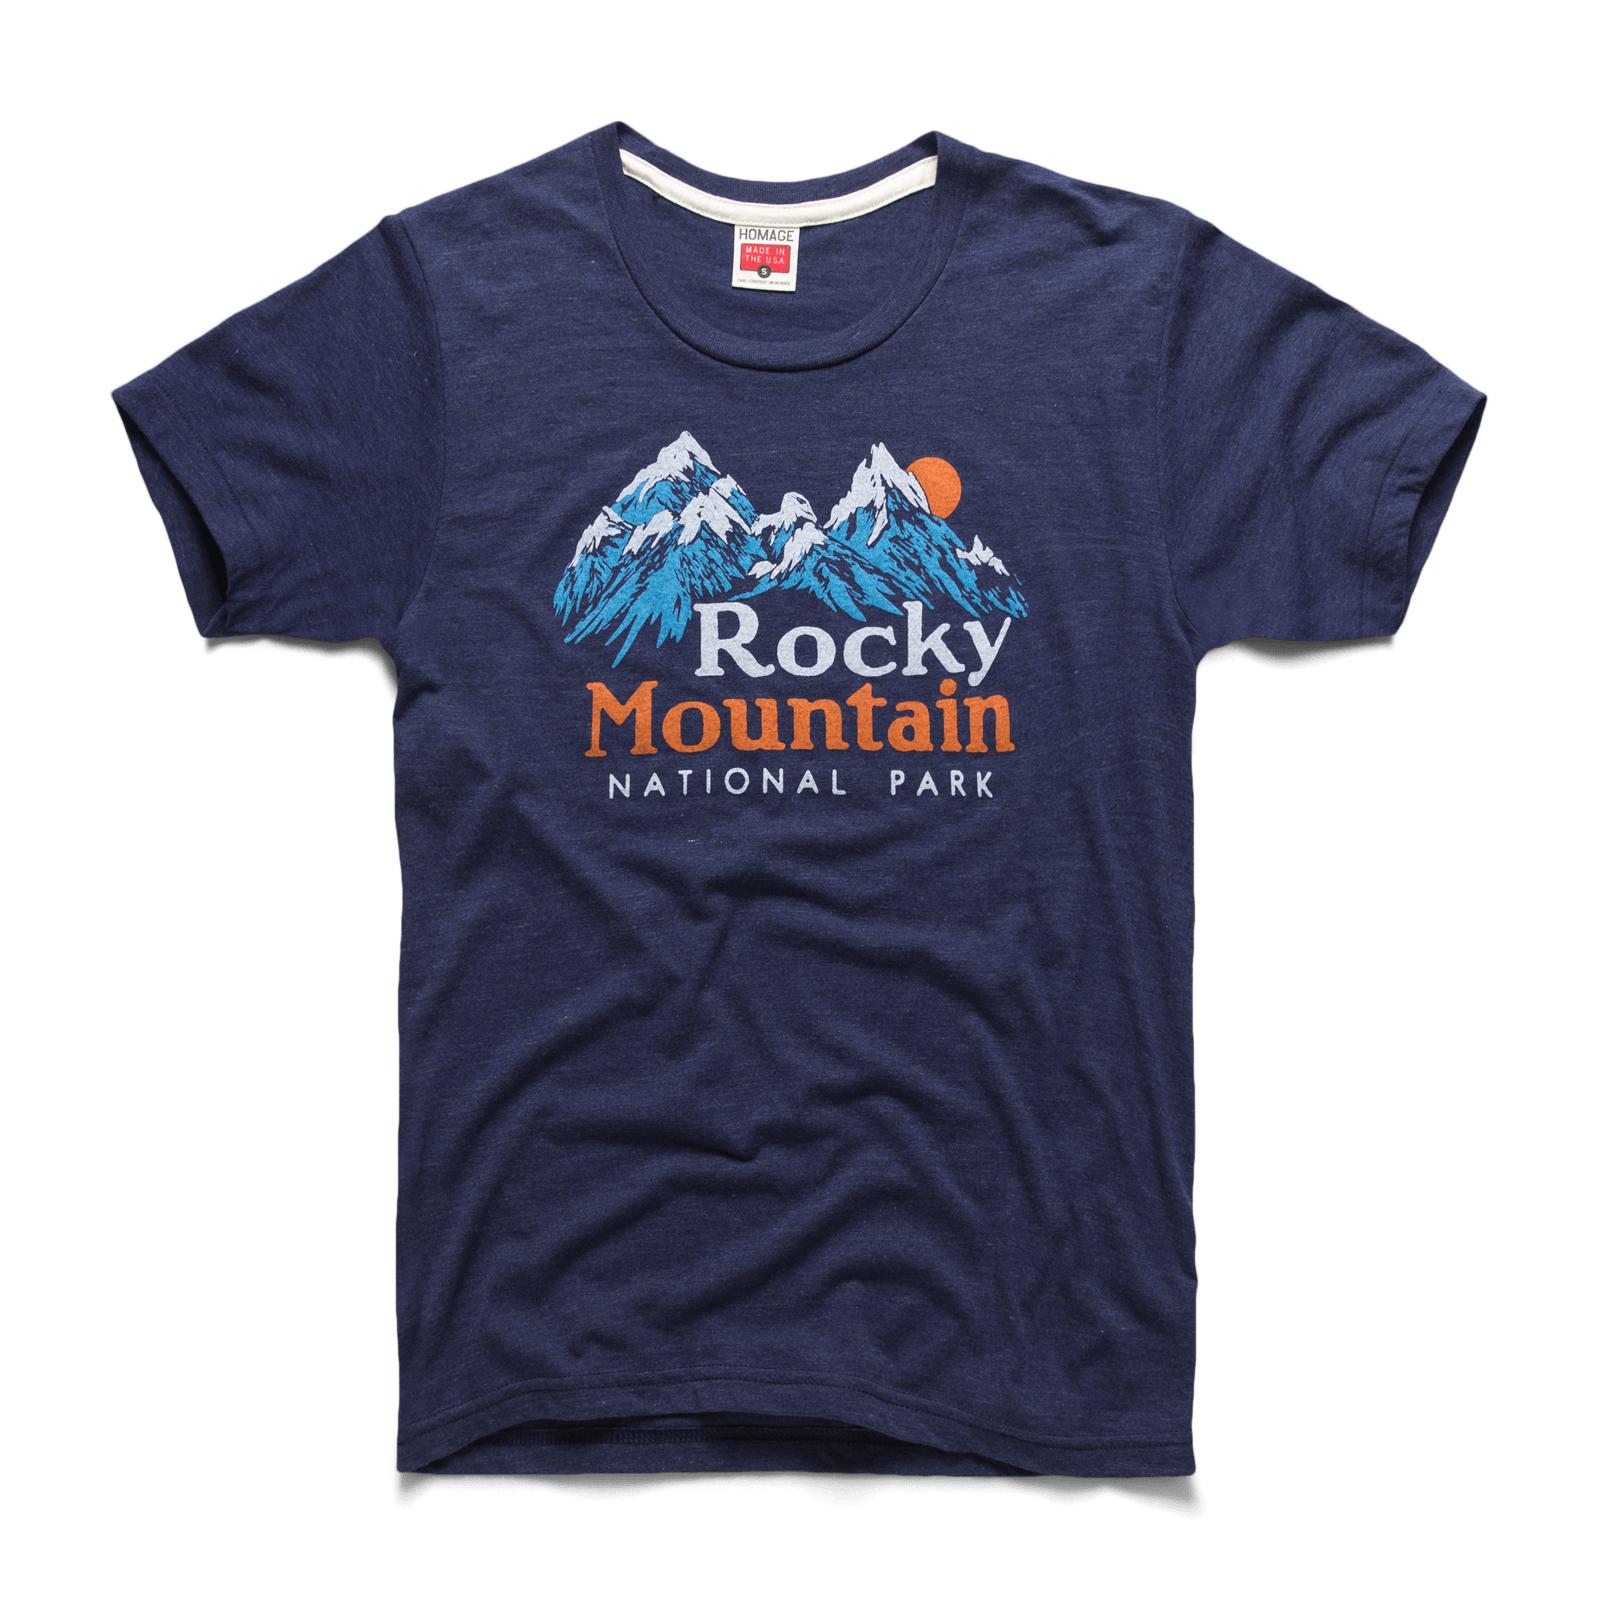 National Parks Online Shop | Huckberry